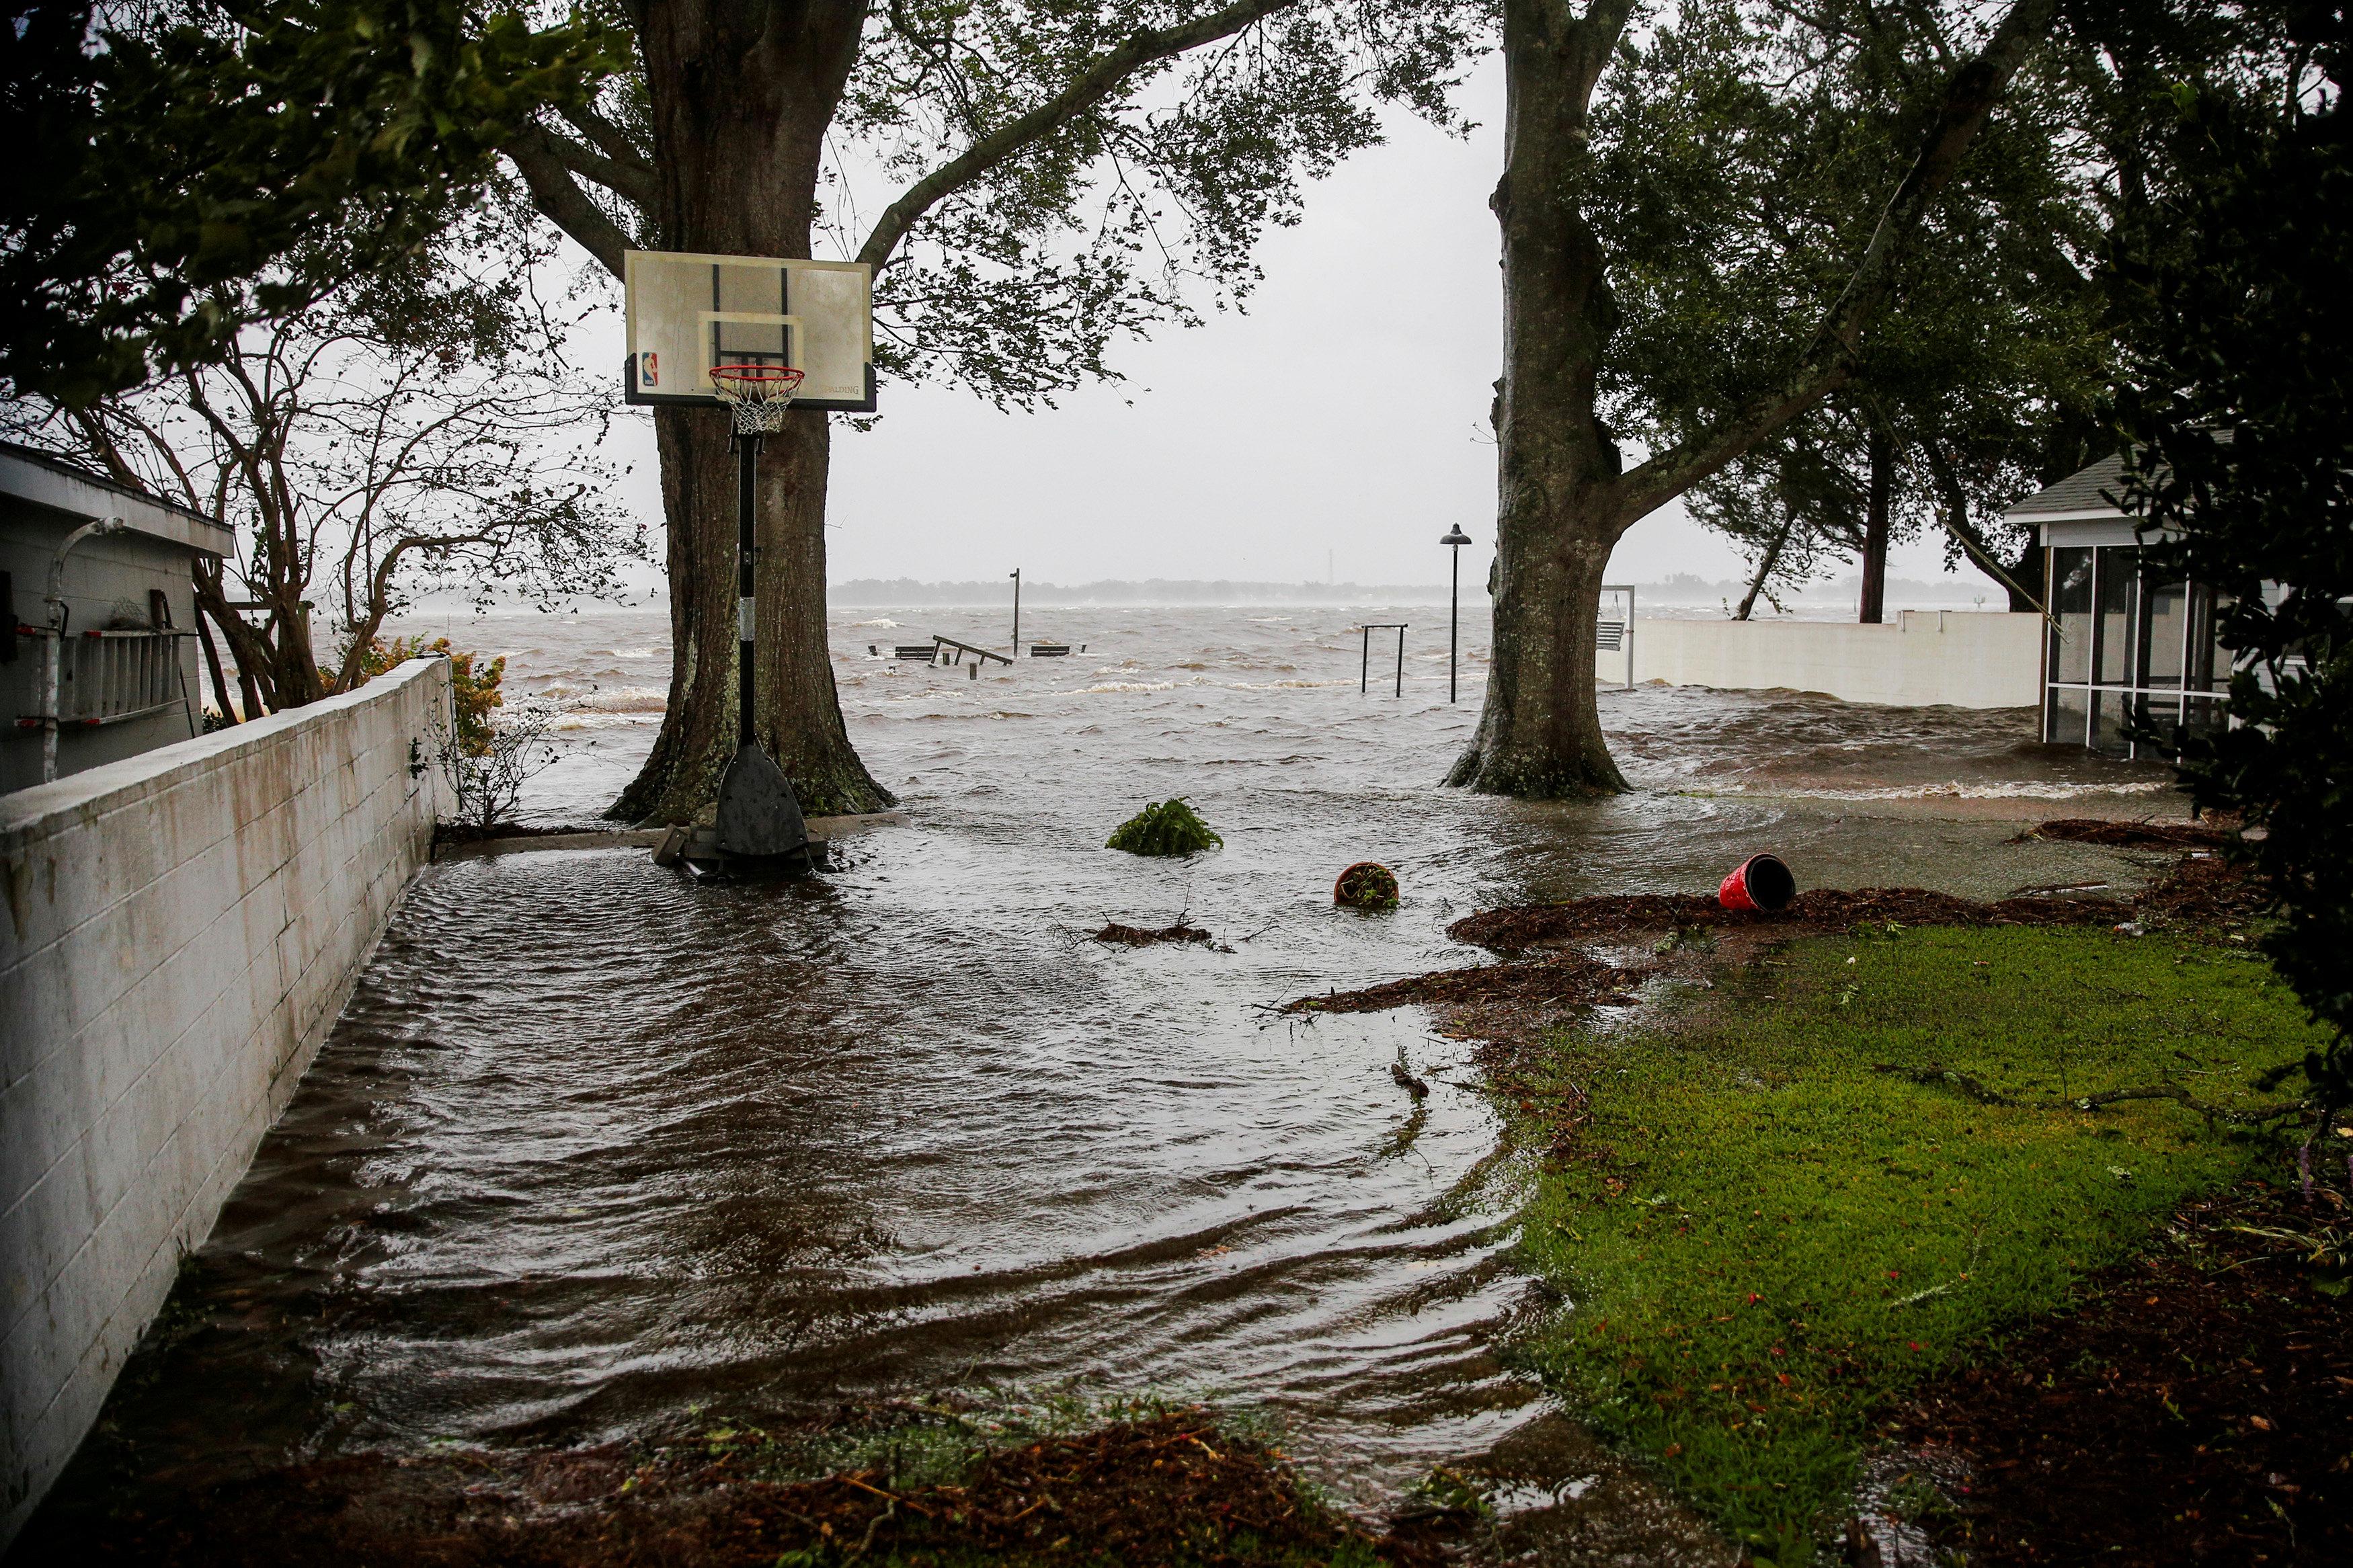 La crecida del Río Neuse provoca inundaciones en Carolina del Norte.